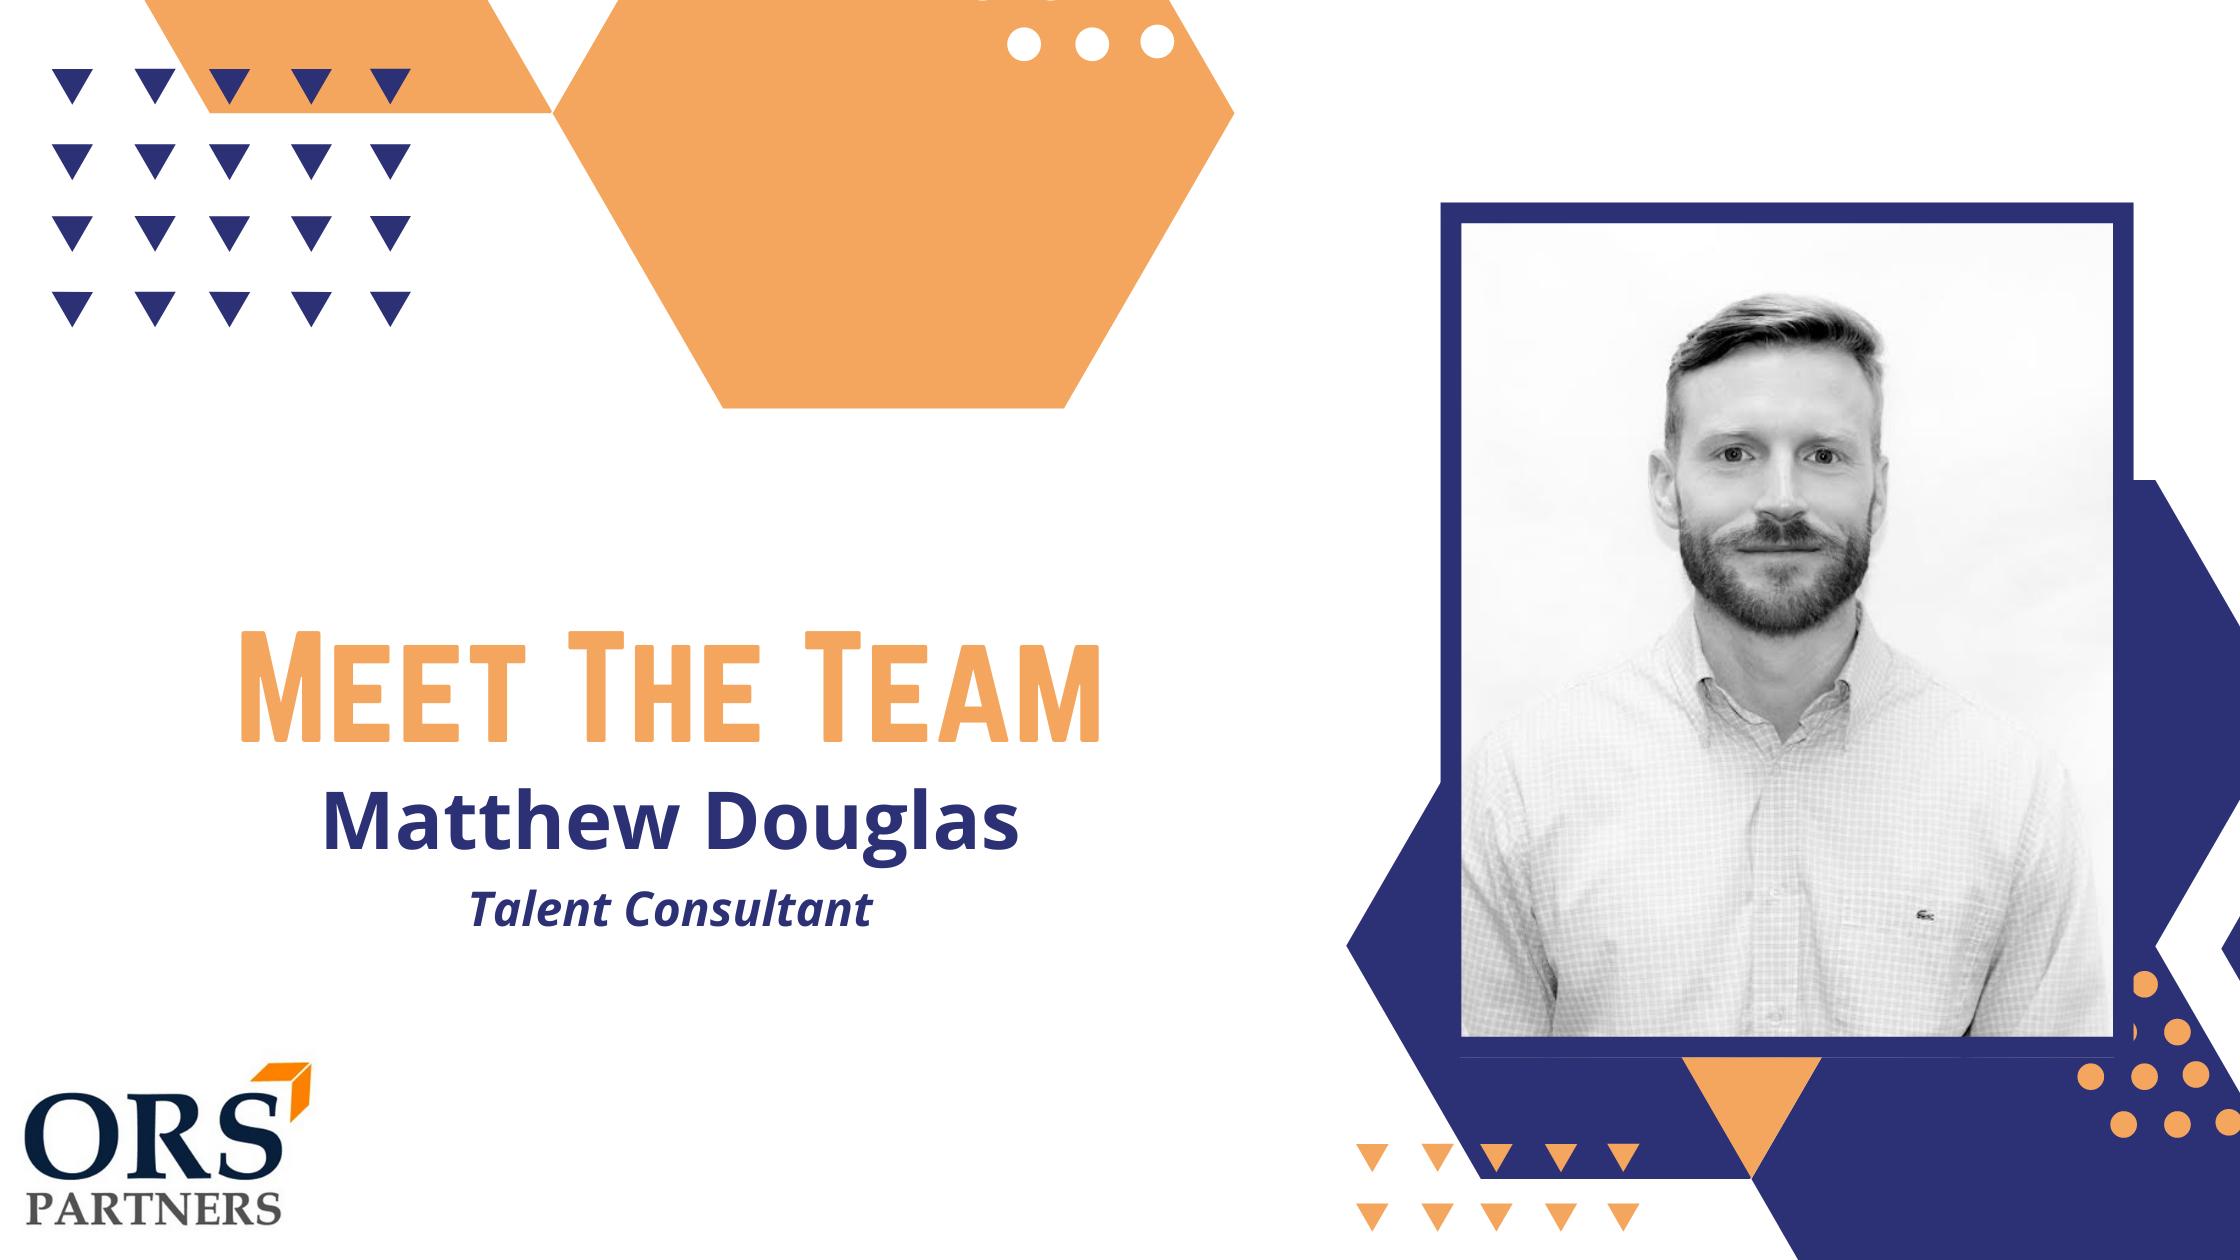 Meet the Team: Matthew Douglas